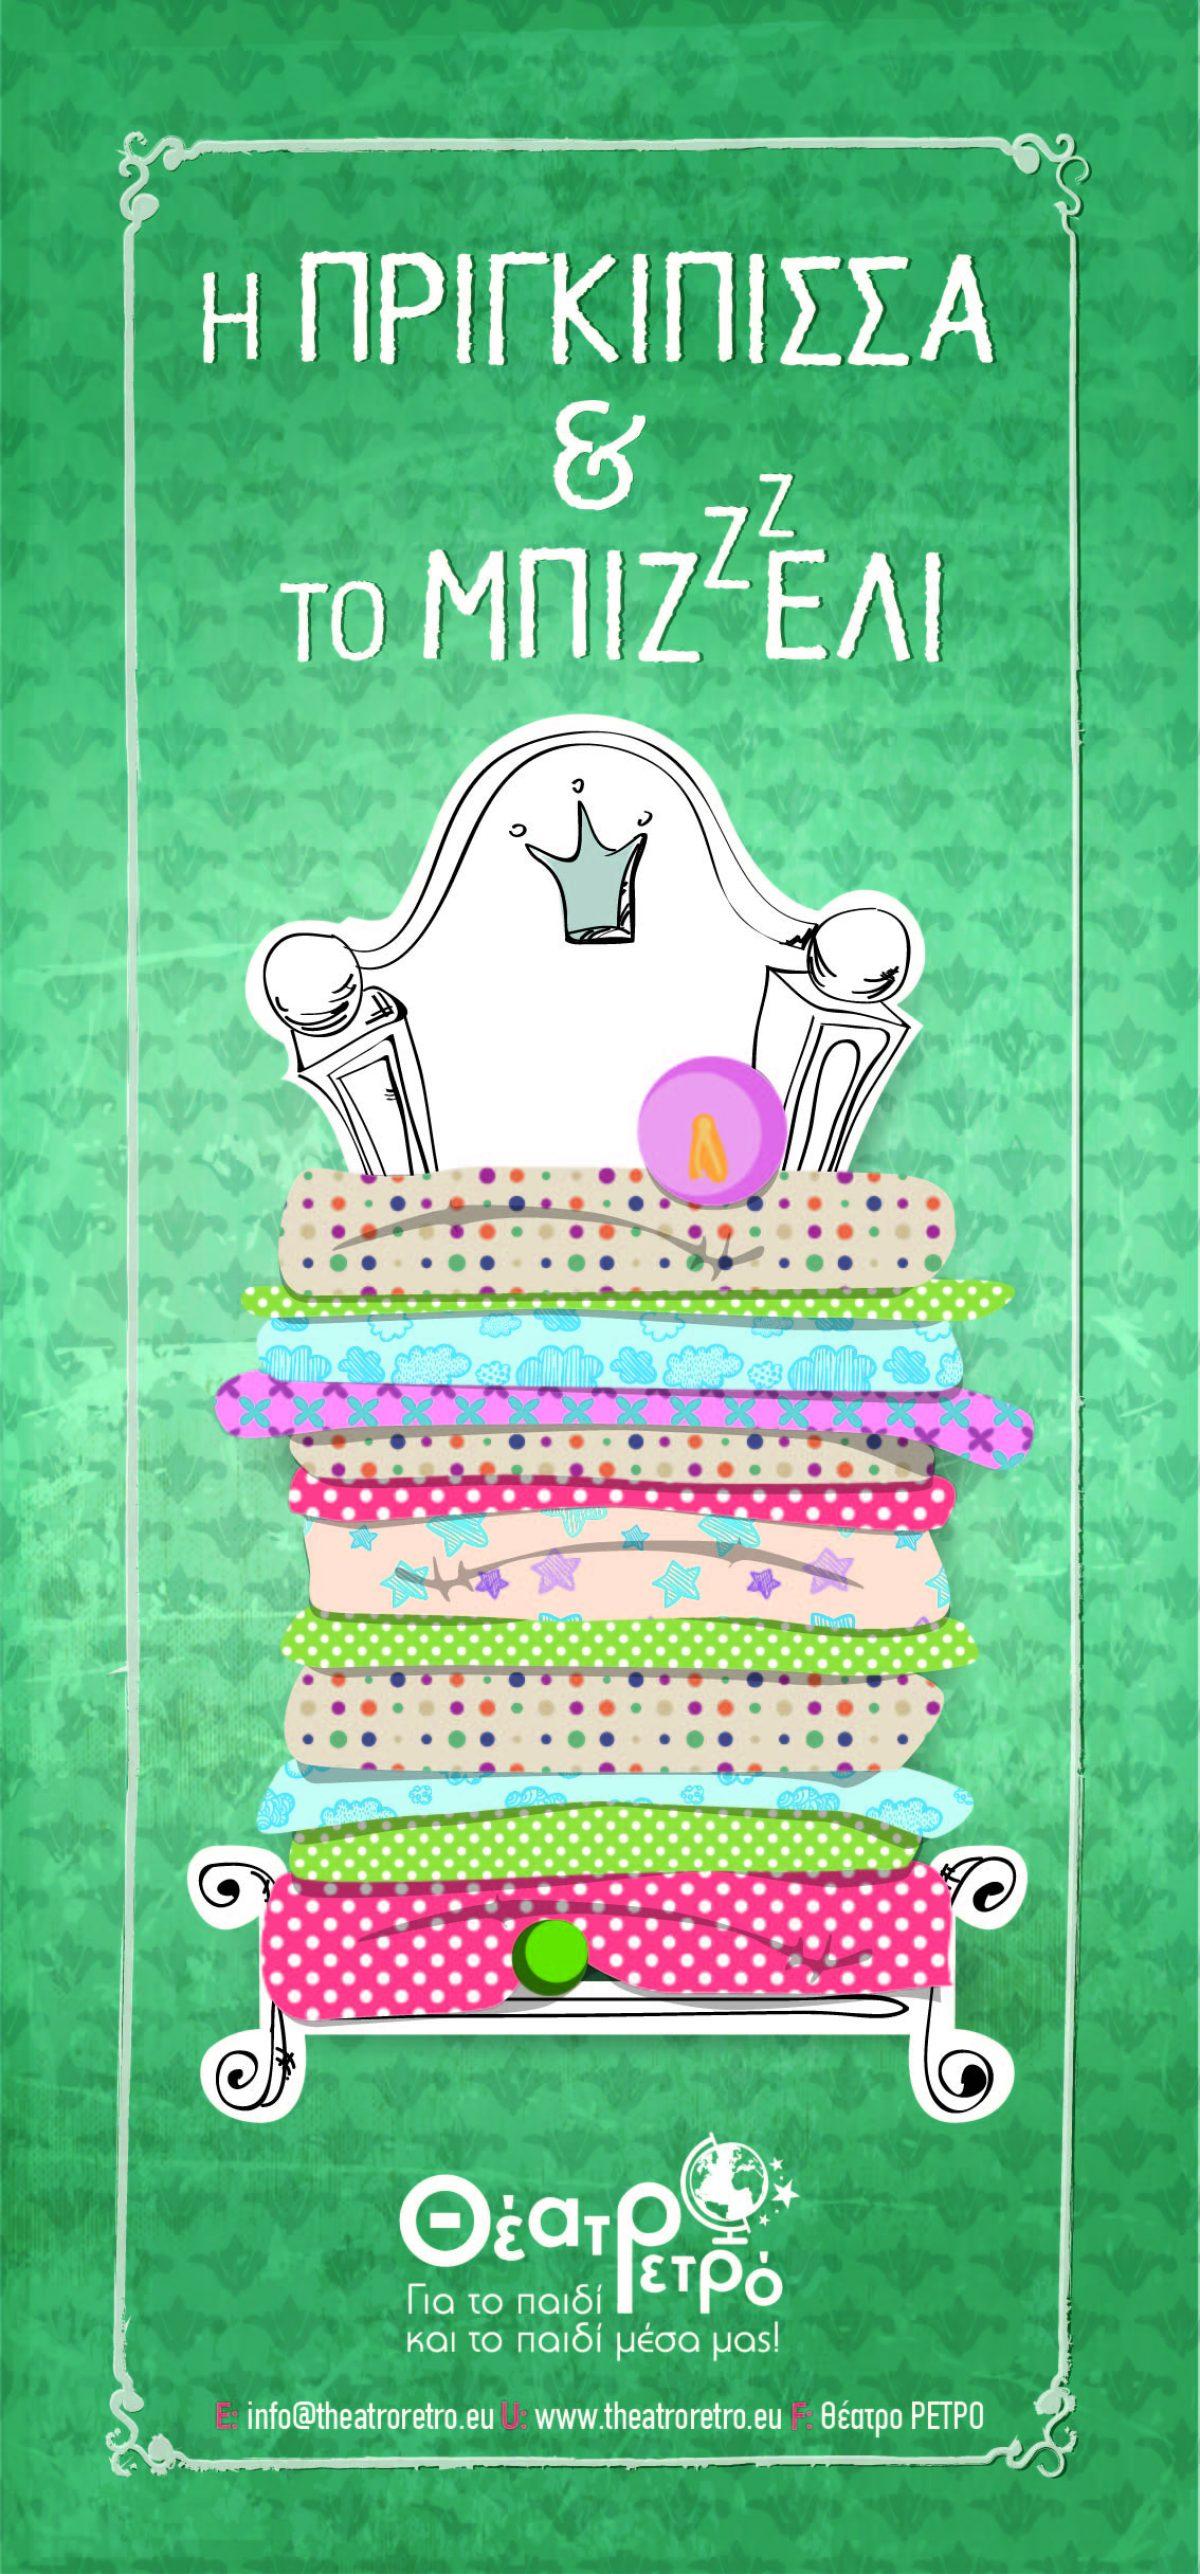 «Η πριγκίπισσα και το μπιζέλι» του Χάνς Κρίστιαν Άντερσεν, Ένας μονόλογος για παιδιά.  Από 03 Φεβρουαρίου 2019 έως 21 Απριλίου 2019 στην «Οικία Κατακουζηνού»